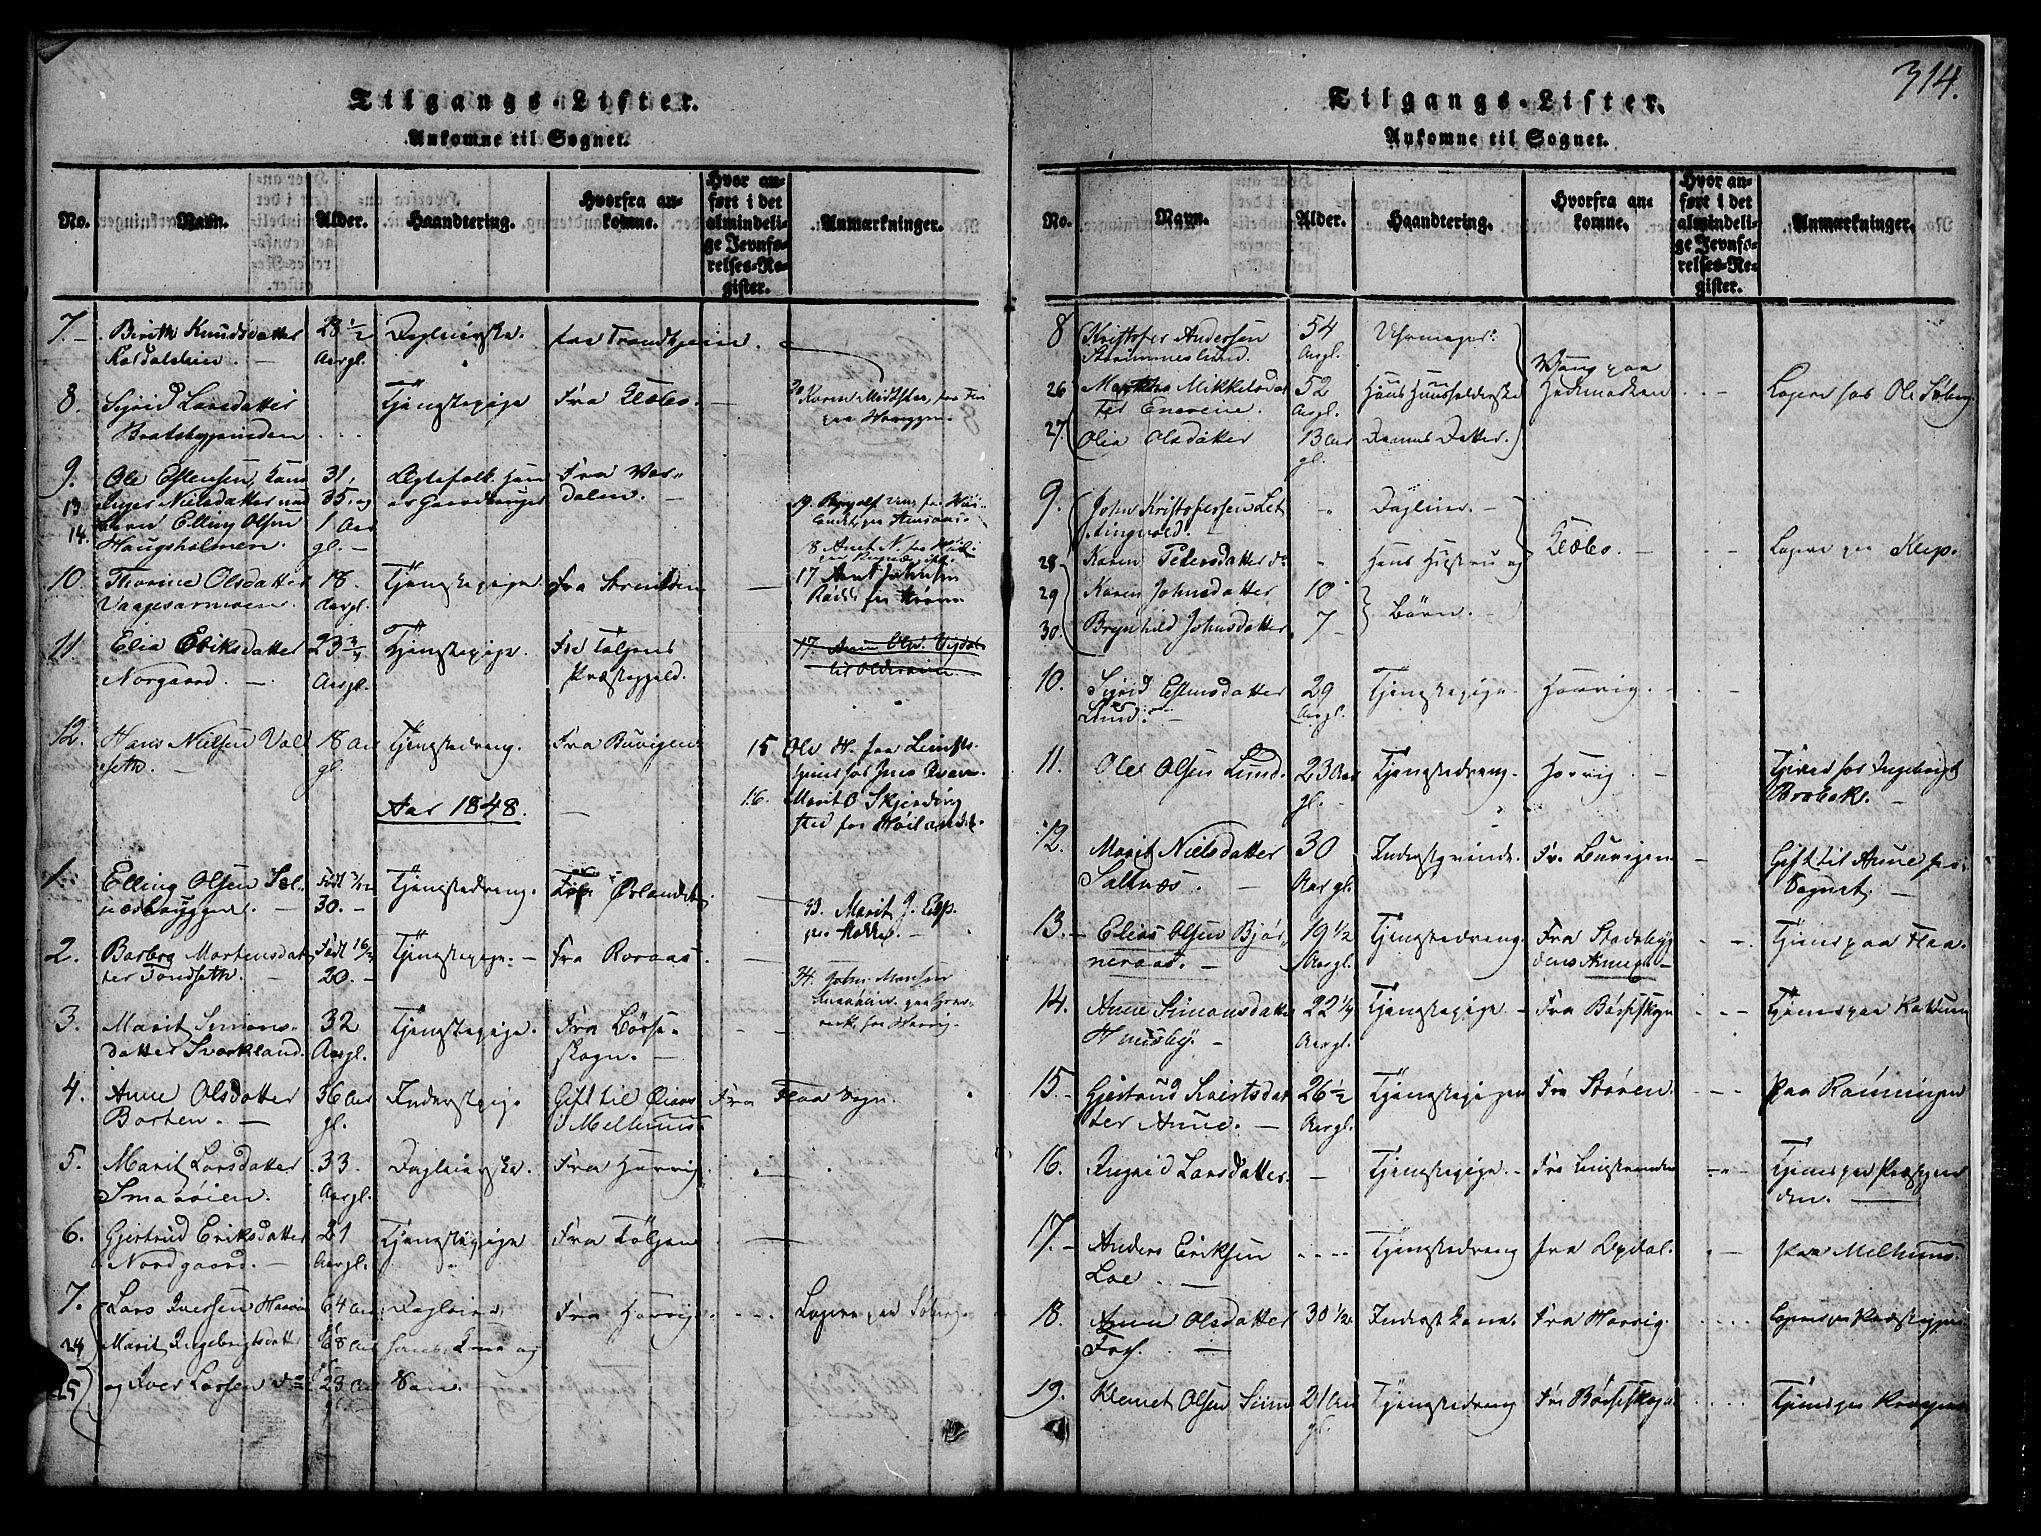 SAT, Ministerialprotokoller, klokkerbøker og fødselsregistre - Sør-Trøndelag, 691/L1092: Klokkerbok nr. 691C03, 1816-1852, s. 314